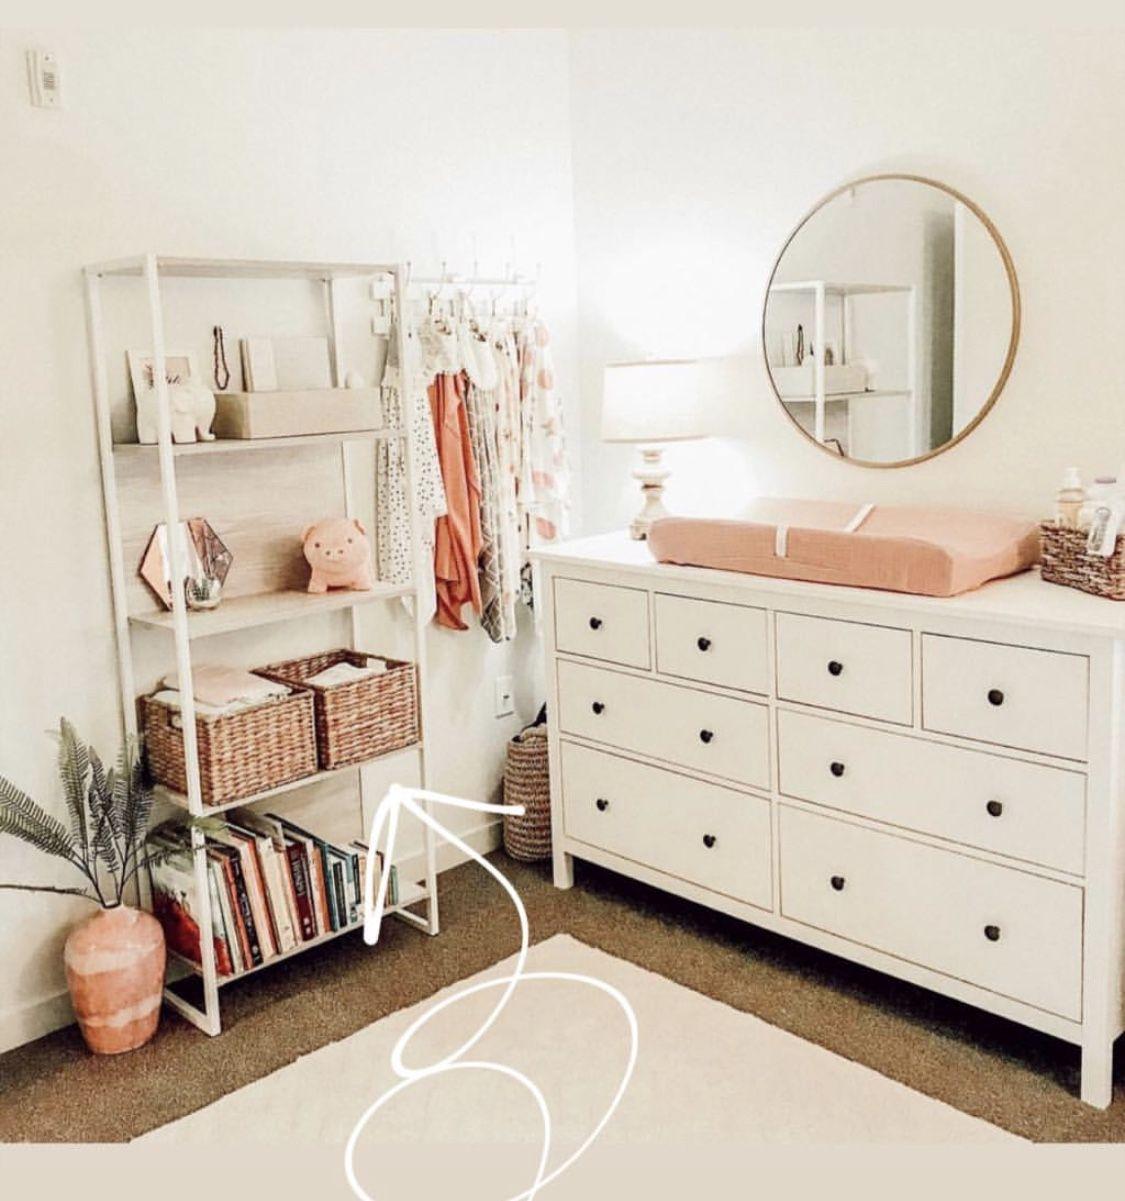 Dresser idea   Bedroom decor, Minimalist bedroom, Simple bedroom